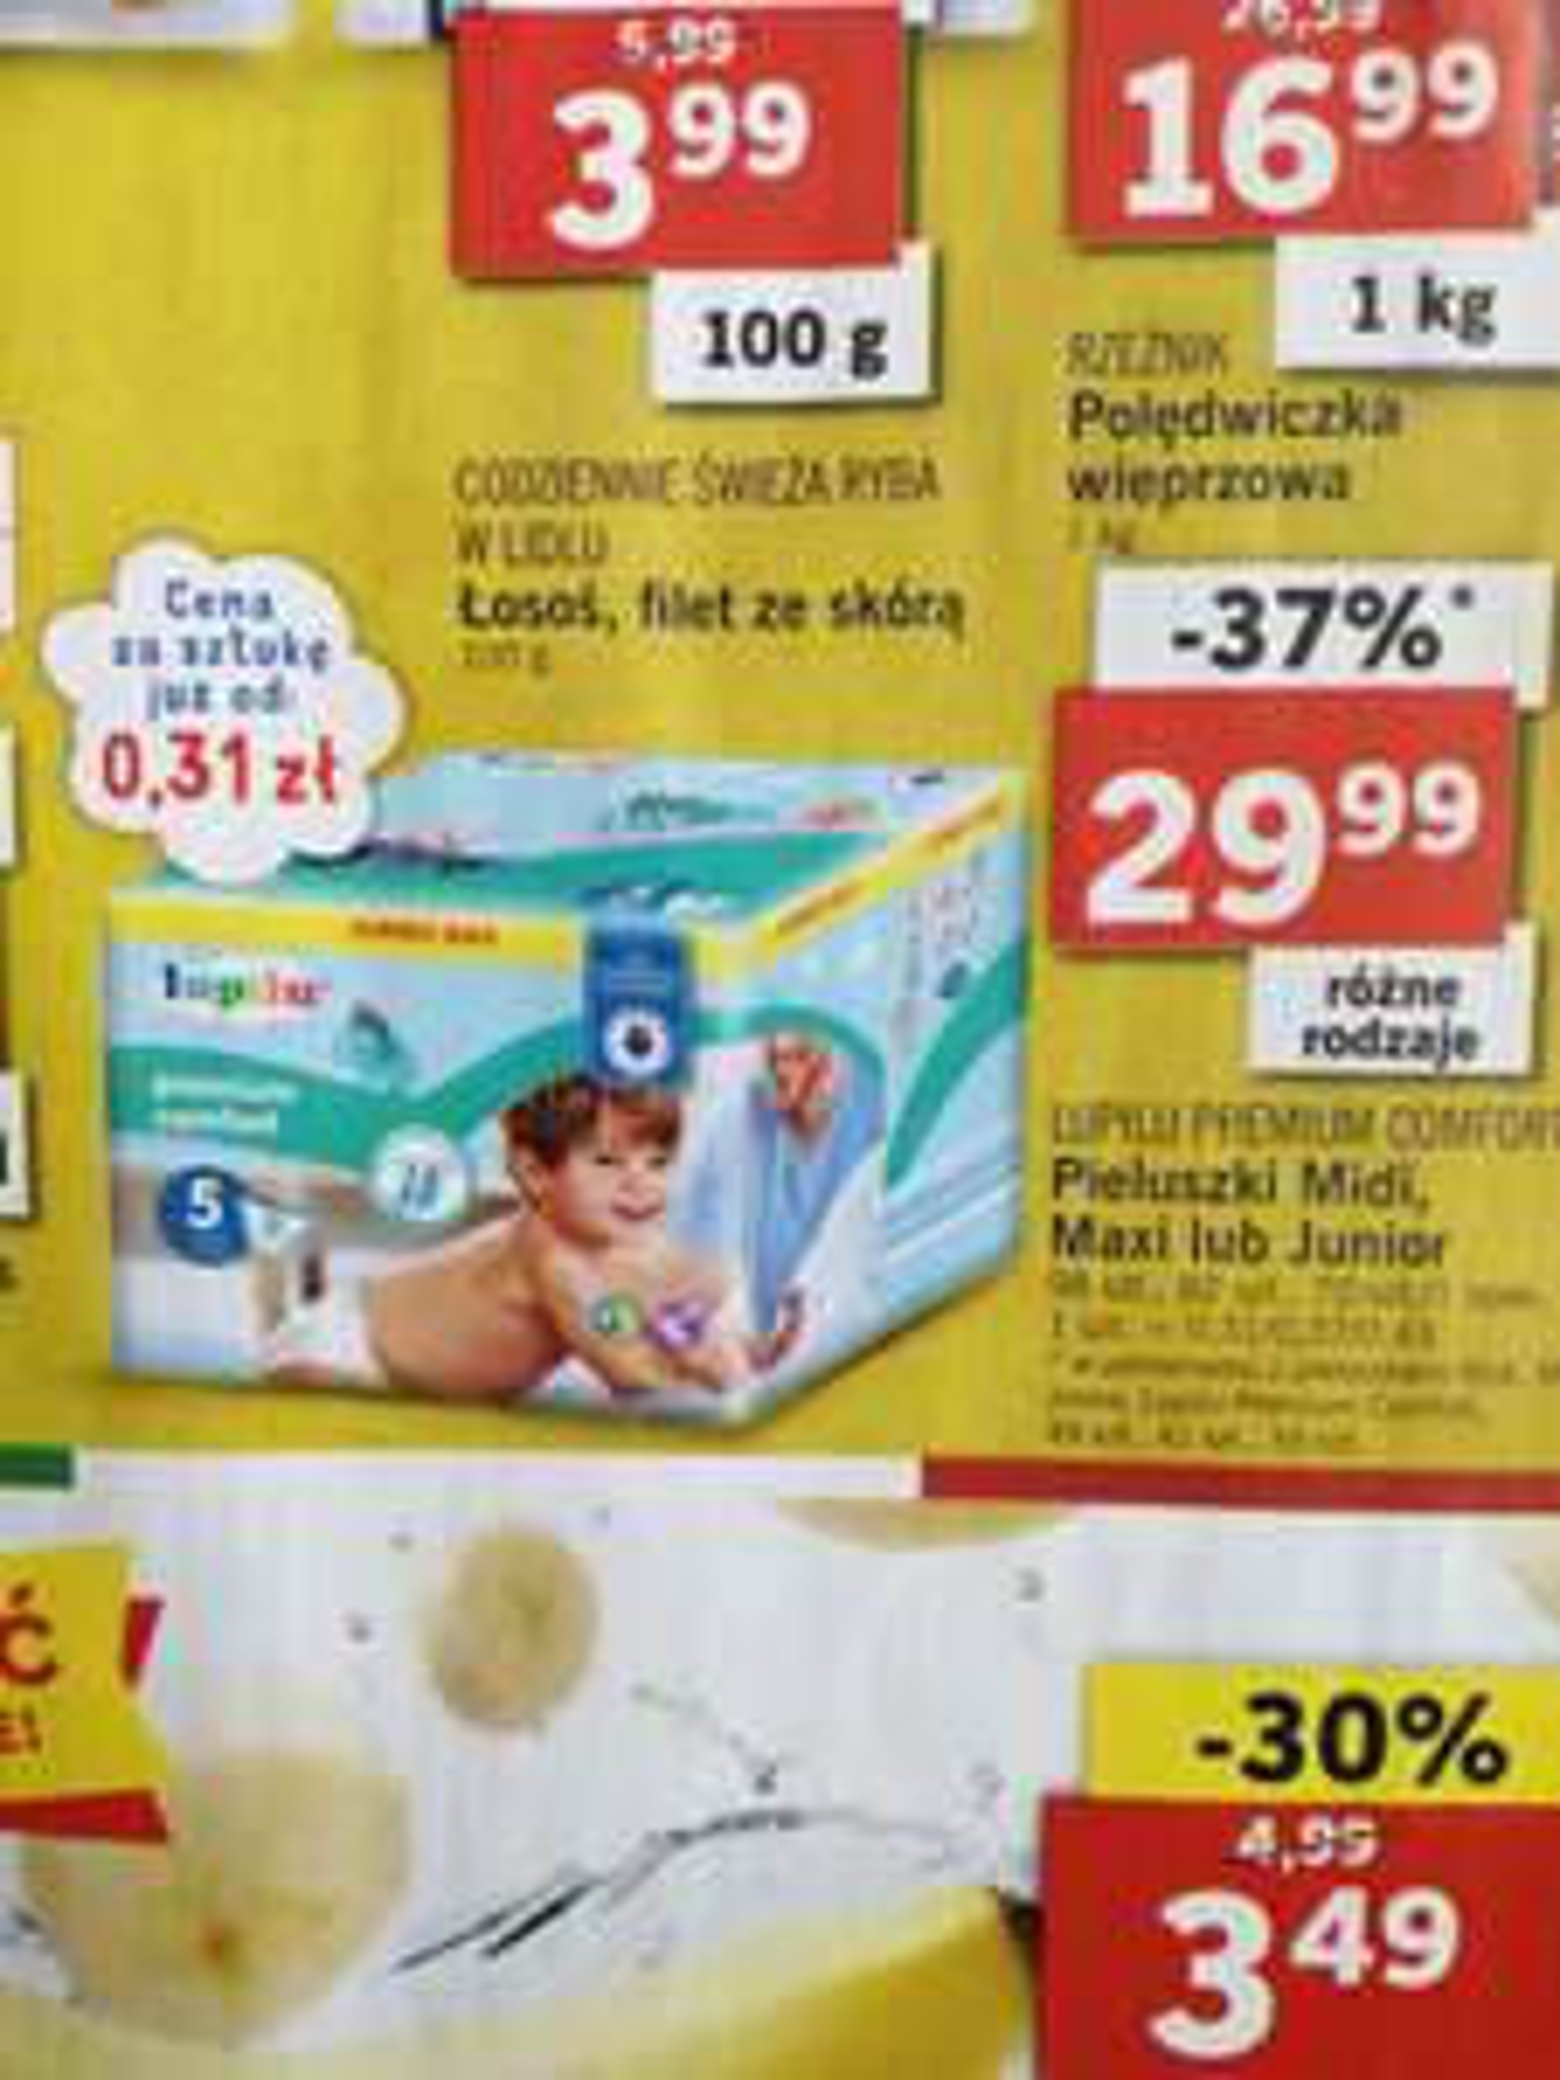 Pieluszki LUPILU Premium Comfort różne rozmiary